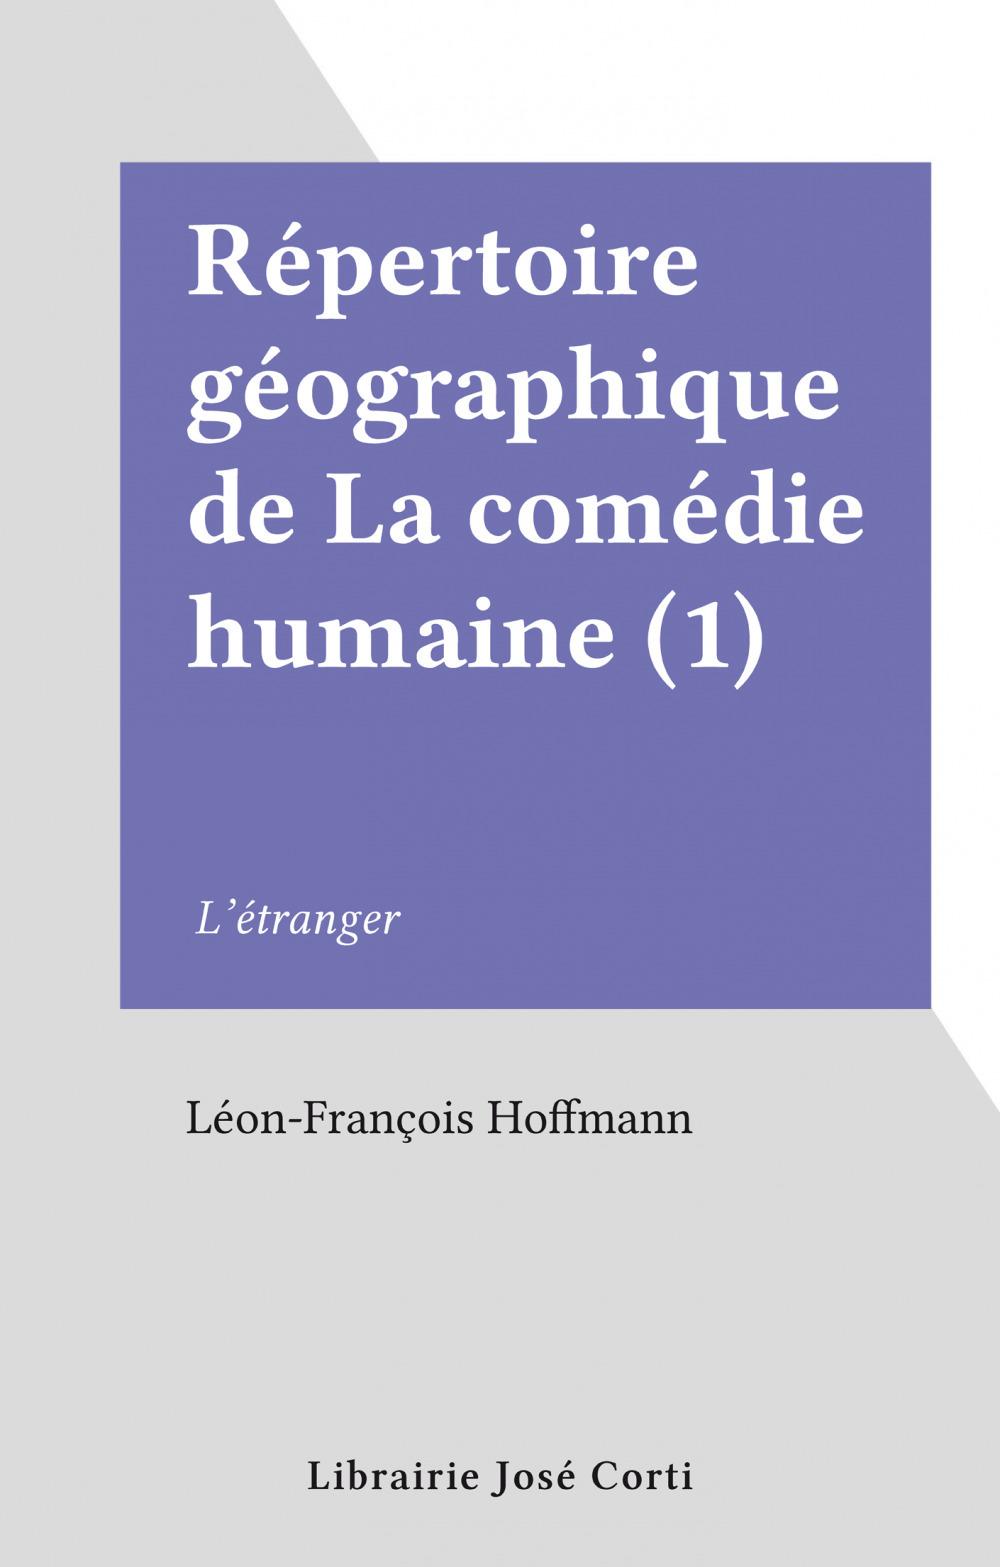 Répertoire géographique de La comédie humaine (1)